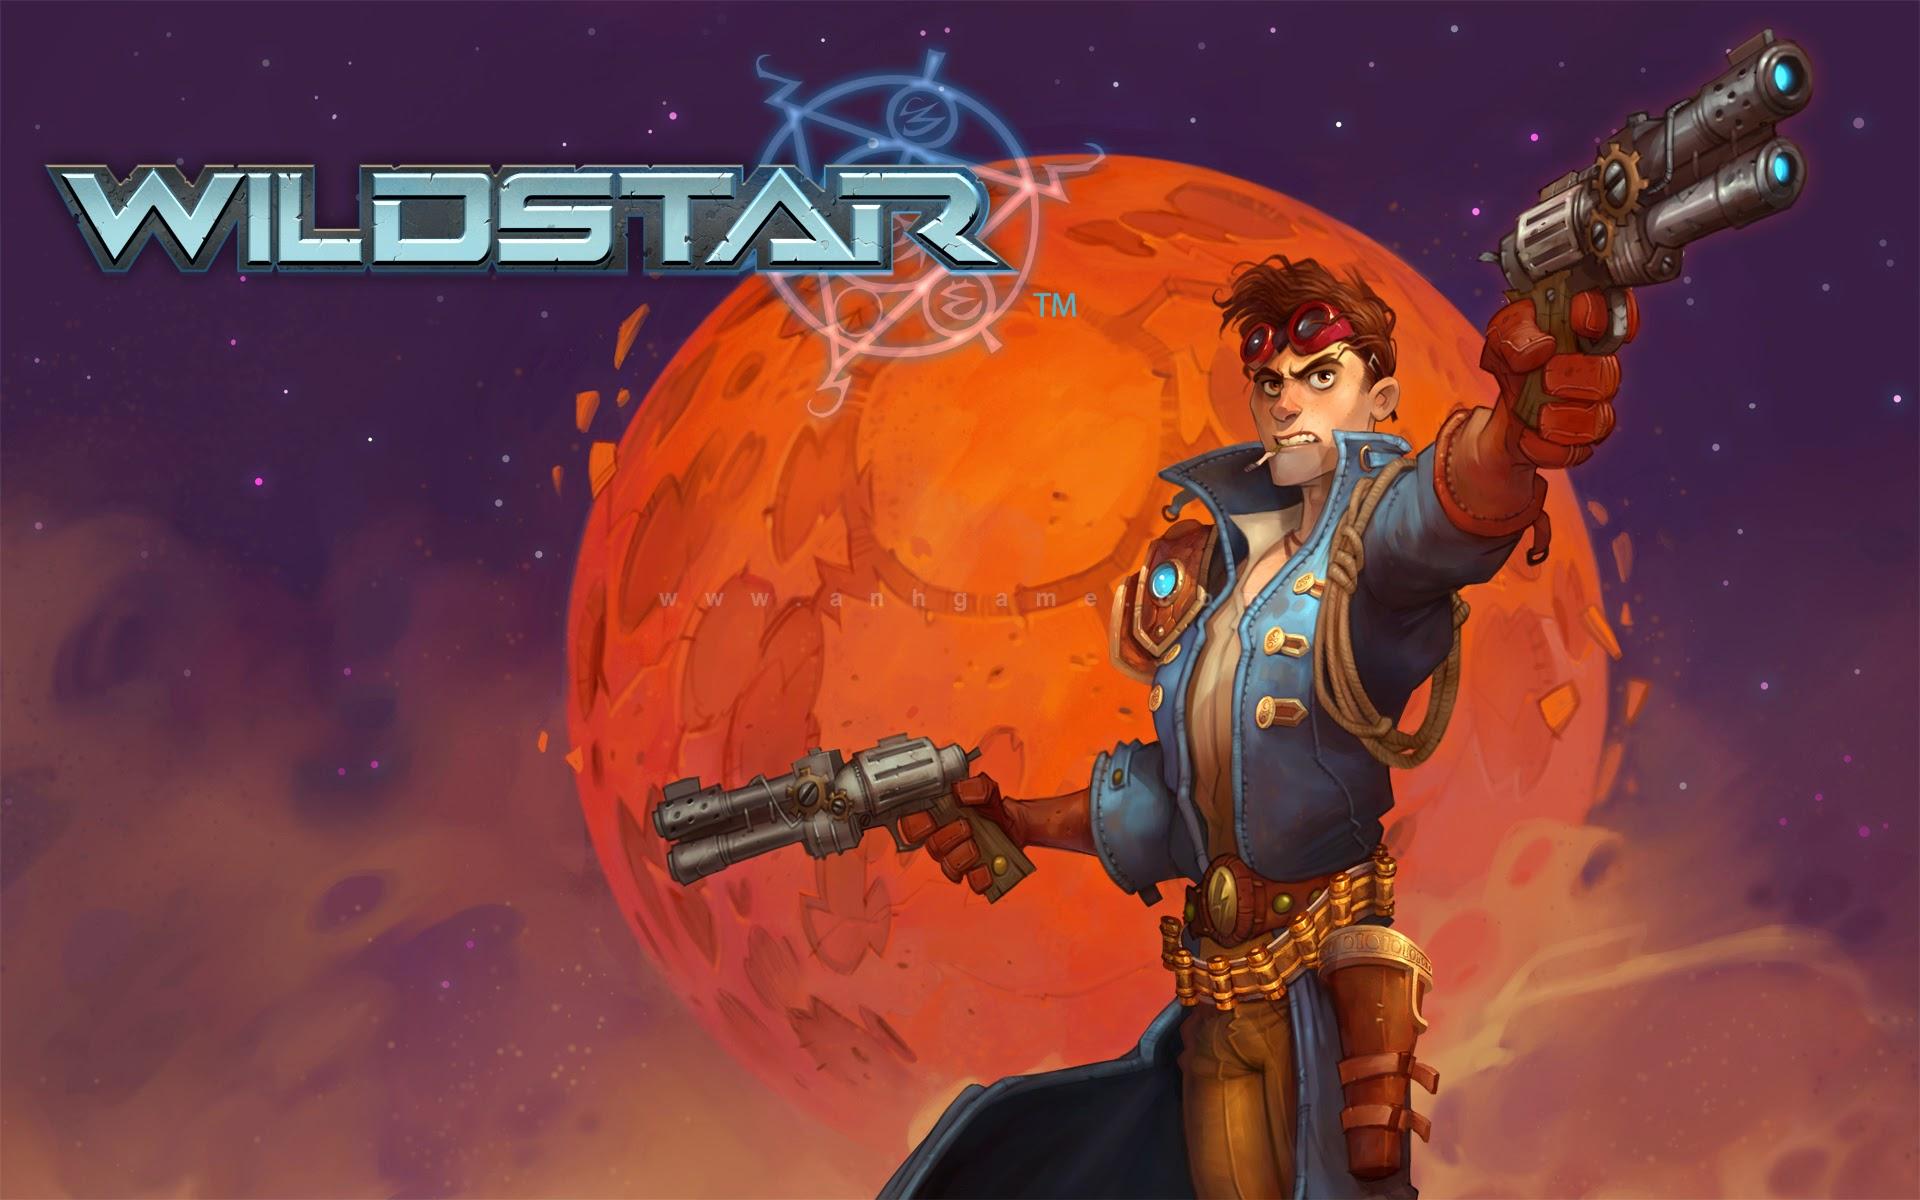 Loạt hình nền đẹp mắt của MMORPG Wild Star - Ảnh 7